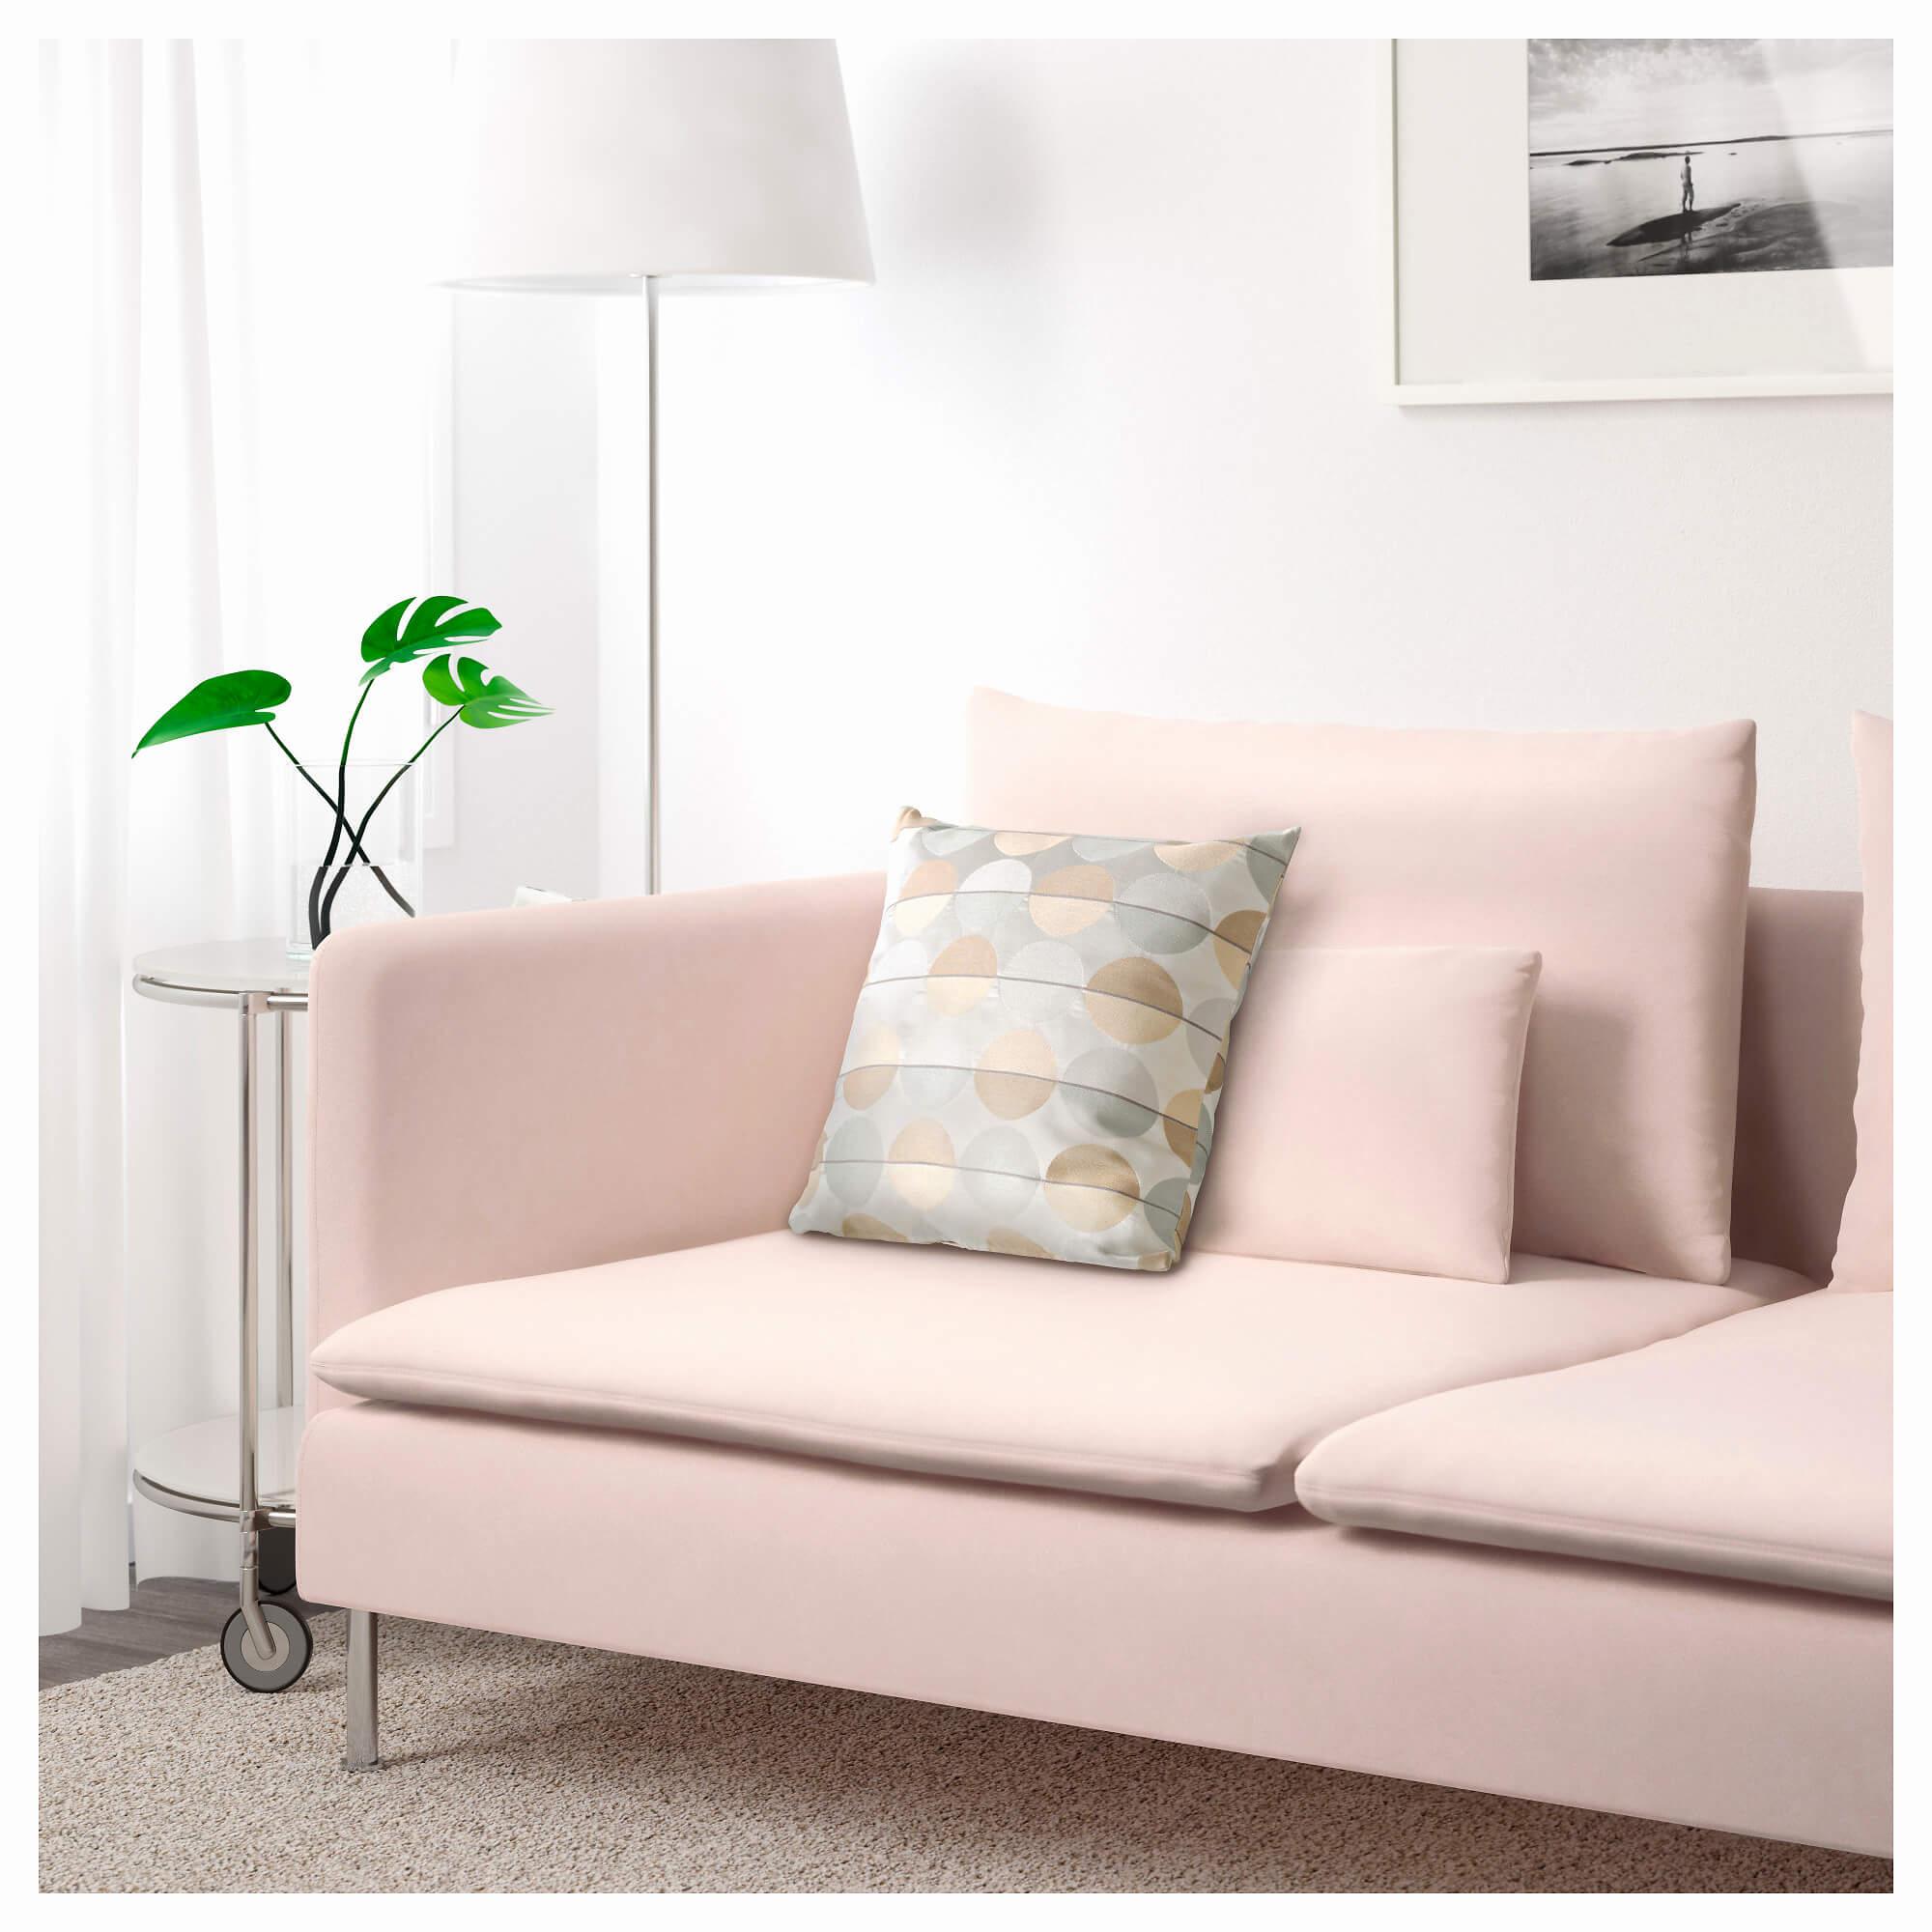 ideias para aproveitar melhor o seu apartamento